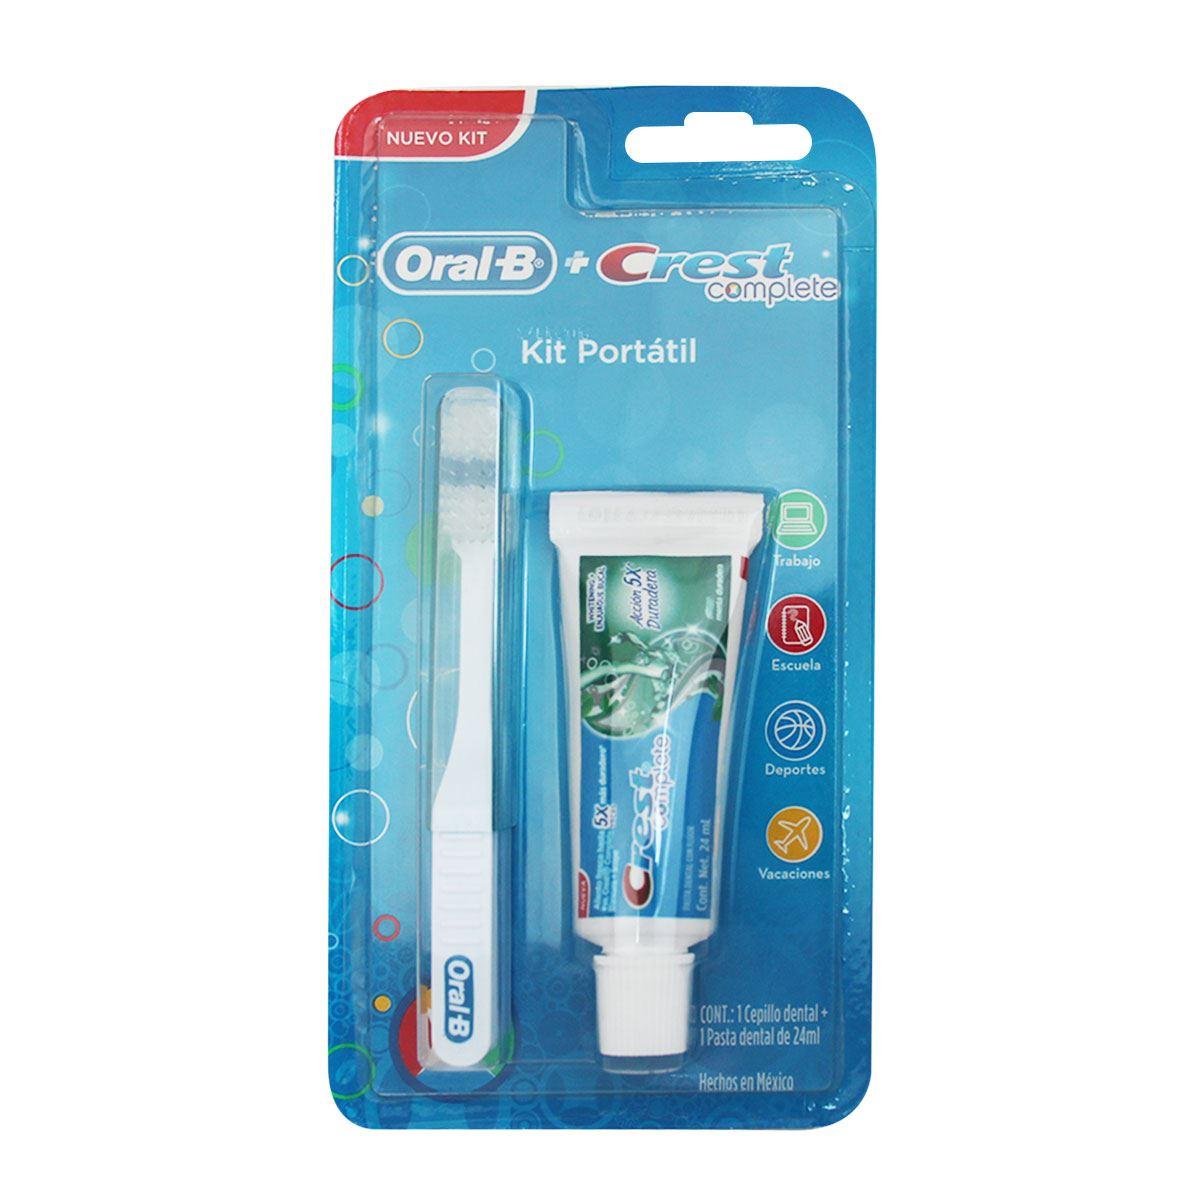 Comprar Oral B + Crest 1 Kit